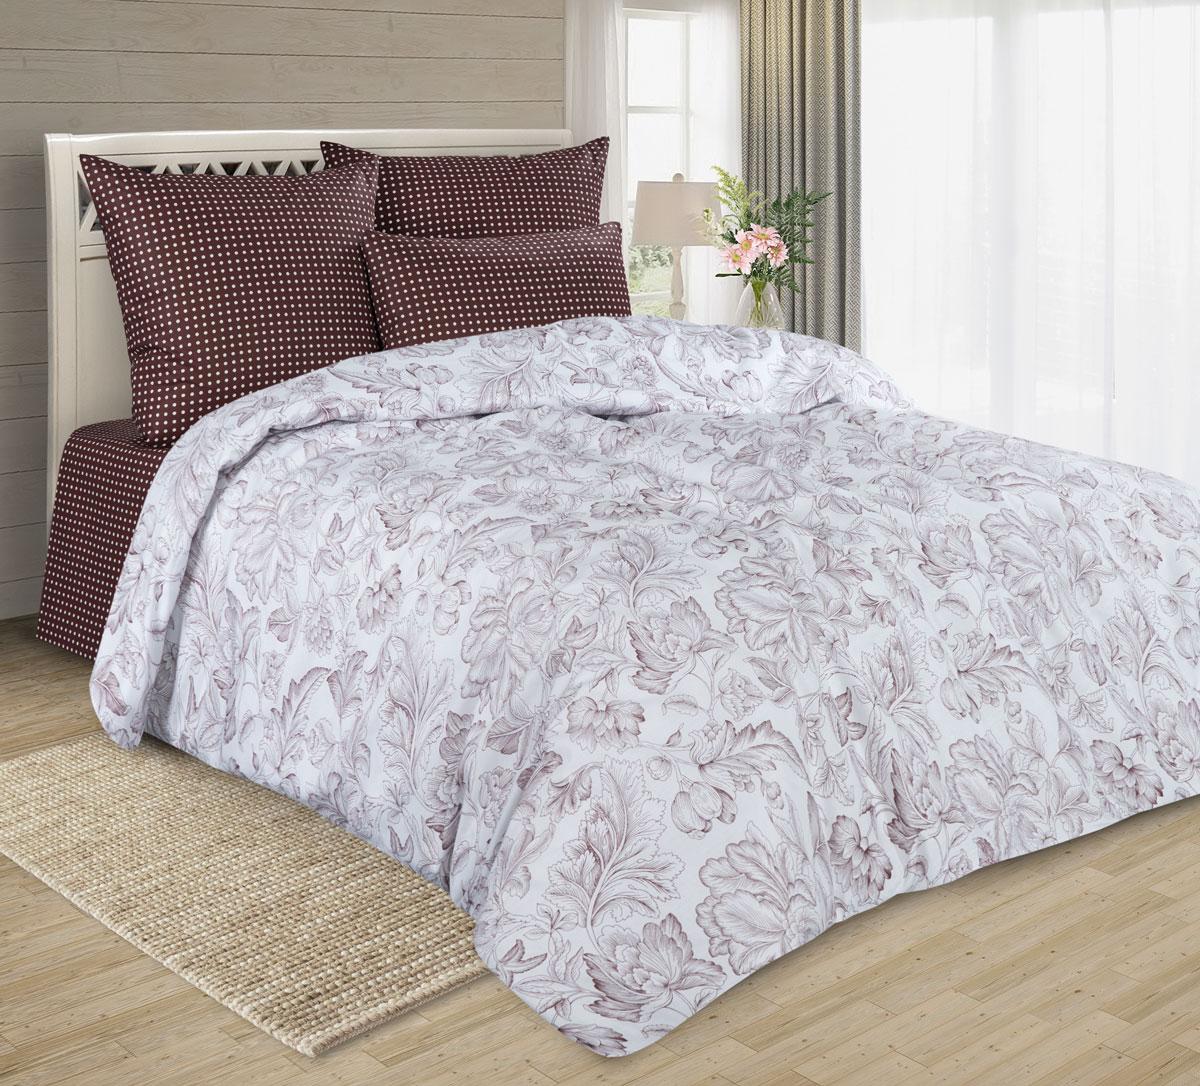 Комплекты постельного белья Guten Morgen gmg672689